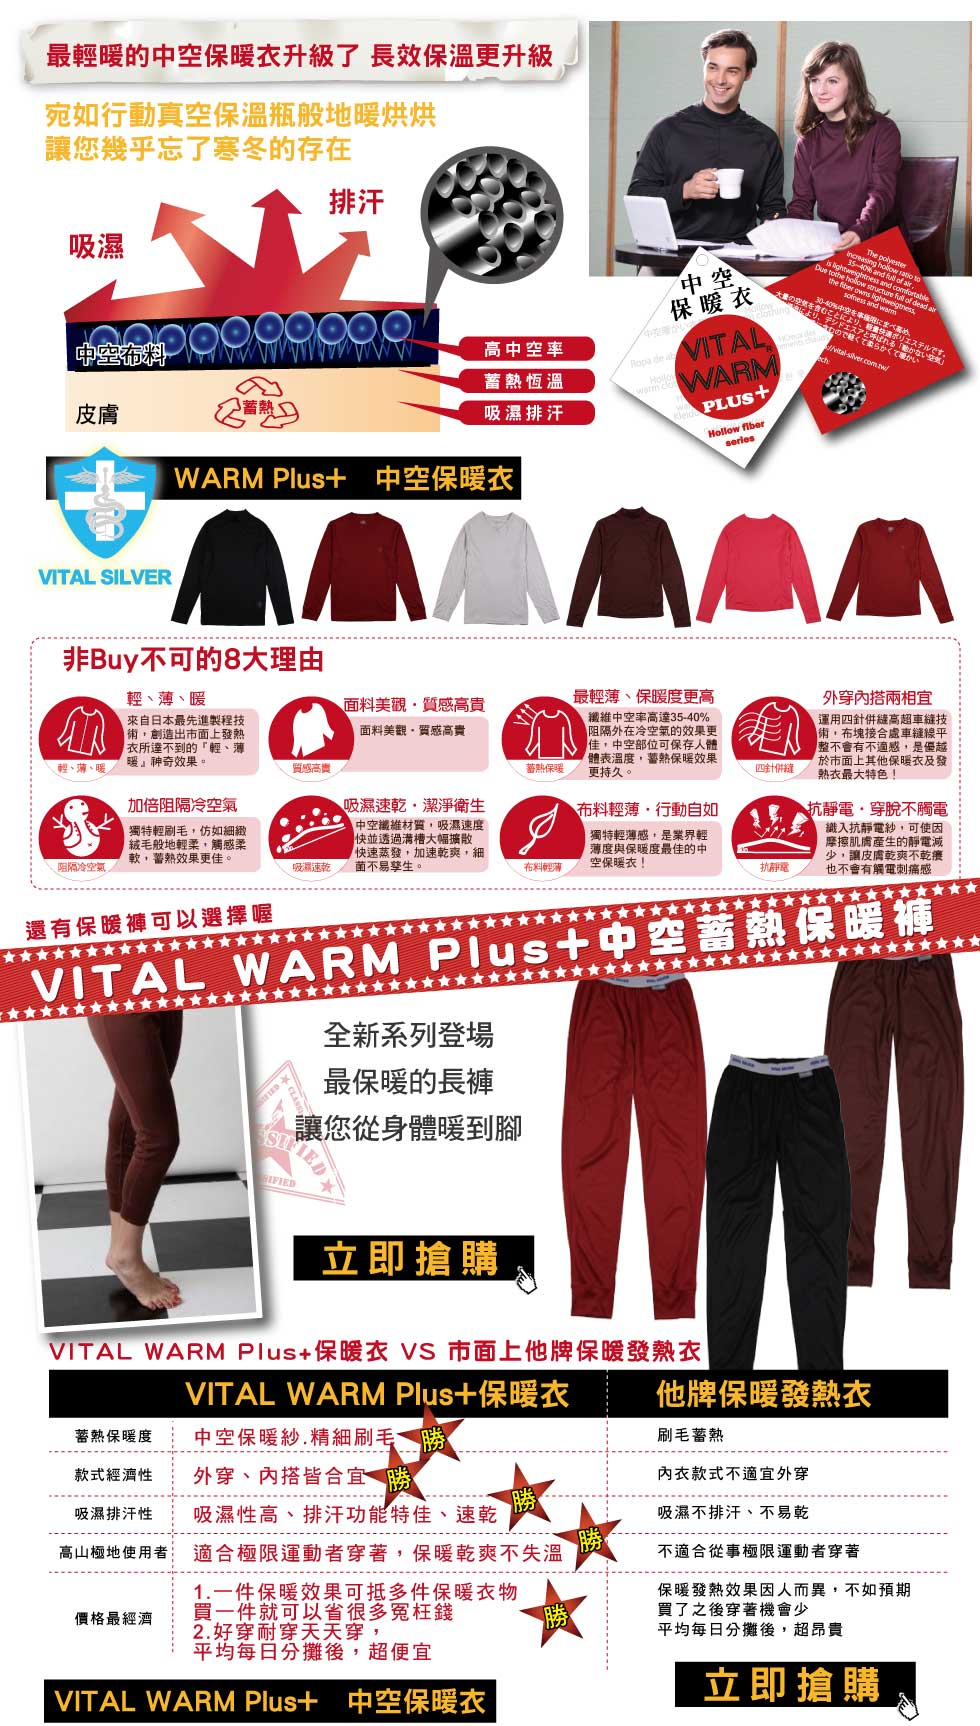 最輕暖的中空保暖衣升級了 長效保溫更升級                                                                                                           宛如行動真空保溫瓶般地暖烘烘  讓您幾乎忘了寒冬的存在             VITAL WARM Plus+中空保暖衣    保暖機制大公開             還有保暖褲可以選擇喔             VITAL WARM Plus+中空蓄熱保暖褲                                                                                                        全新系列登場             最保暖的長褲、讓您從身體暖到腳             非Buy不可的8大理由             輕、薄、暖‧VITAL WARM最暖:來自日本最先進製程技術,創造出市面上發熱衣所達不到的『輕、薄、暖』神奇效果。             高中空率‧VITAL WARM最輕薄、保暖度更高:纖維中空率高達35-40%,阻隔外在冷空氣的效果更佳,中空部位可保存人體體表溫度,蓄熱保暖效果更持久。             輕刷棉感‧加倍阻隔冷空氣:             獨特輕刷毛,仿如細緻絨毛般地輕柔,觸感柔軟,蓄熱效果更佳。             布料輕薄‧行動自如:獨特輕薄感,是業界輕薄度與保暖度最佳的中空保暖衣!             面料美觀‧質感高貴:面料美觀平挺,抗磨不起毛球。             四針併縫‧外穿內搭兩相宜:運用四針併縫高超車縫技術,布塊接合處車縫線平整不會有不適感,是優越於市面上其他保暖衣及發熱衣最大特色!             吸濕速乾‧潔淨衛生:中空纖維材質,吸濕速度快並透過溝槽大幅擴散,快速蒸發,加速乾爽,細菌不易孳生。             抗靜電‧穿脫不觸電:織入抗靜電紗,可使因摩擦肌膚產生的靜電減少,讓皮膚乾爽不乾癢也不會有觸電刺痛感